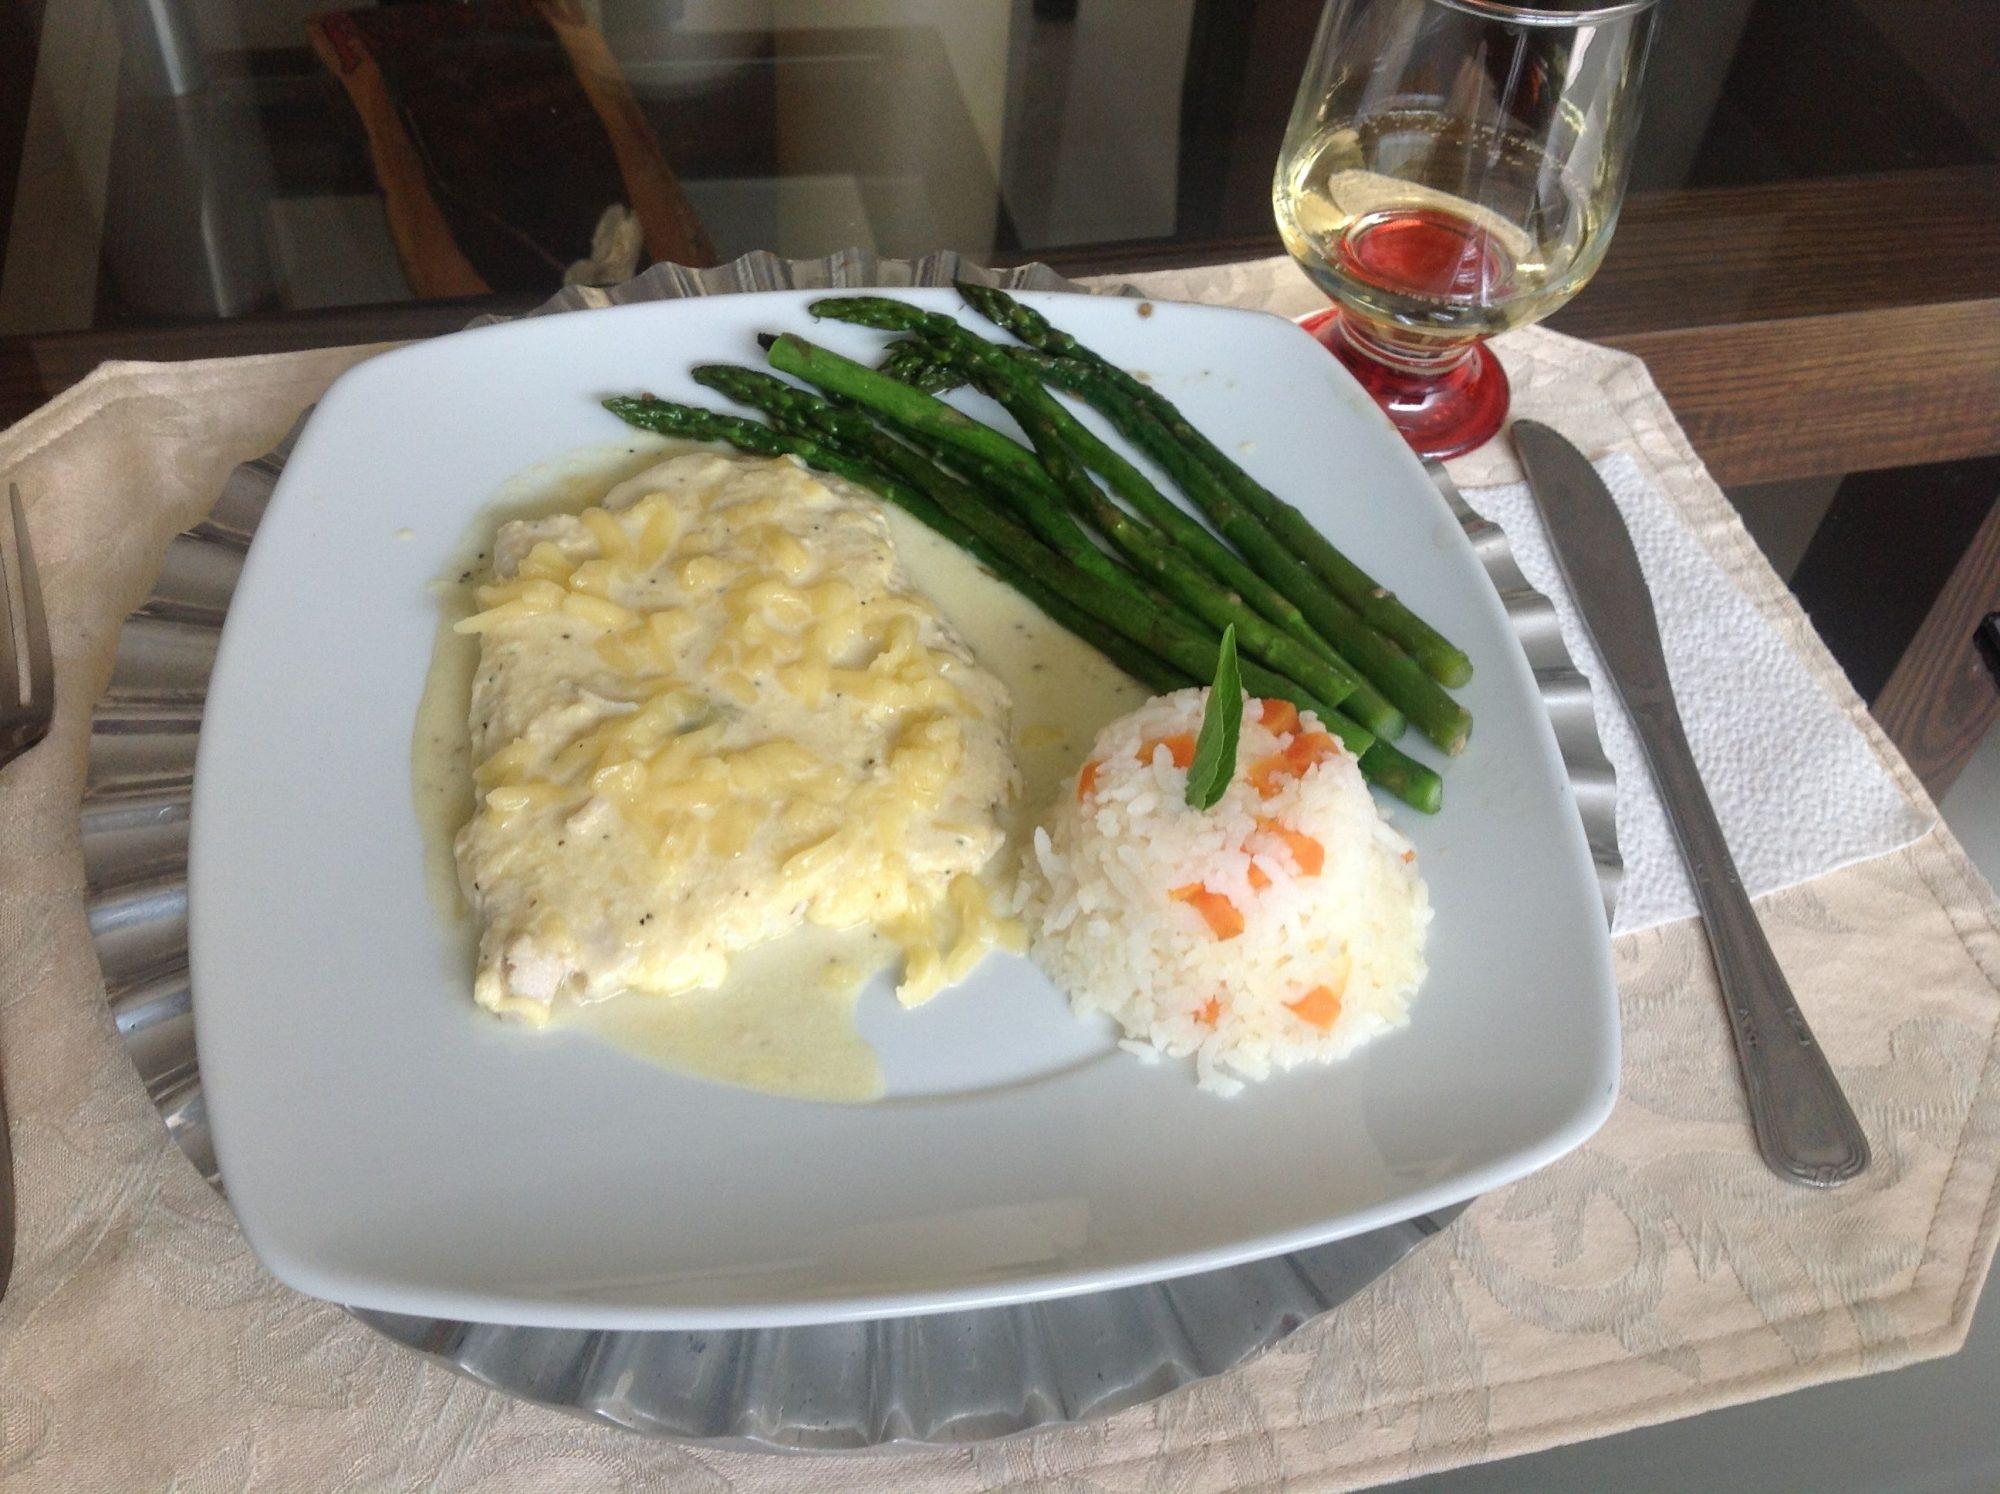 Filetes de pescado en salsa blanca